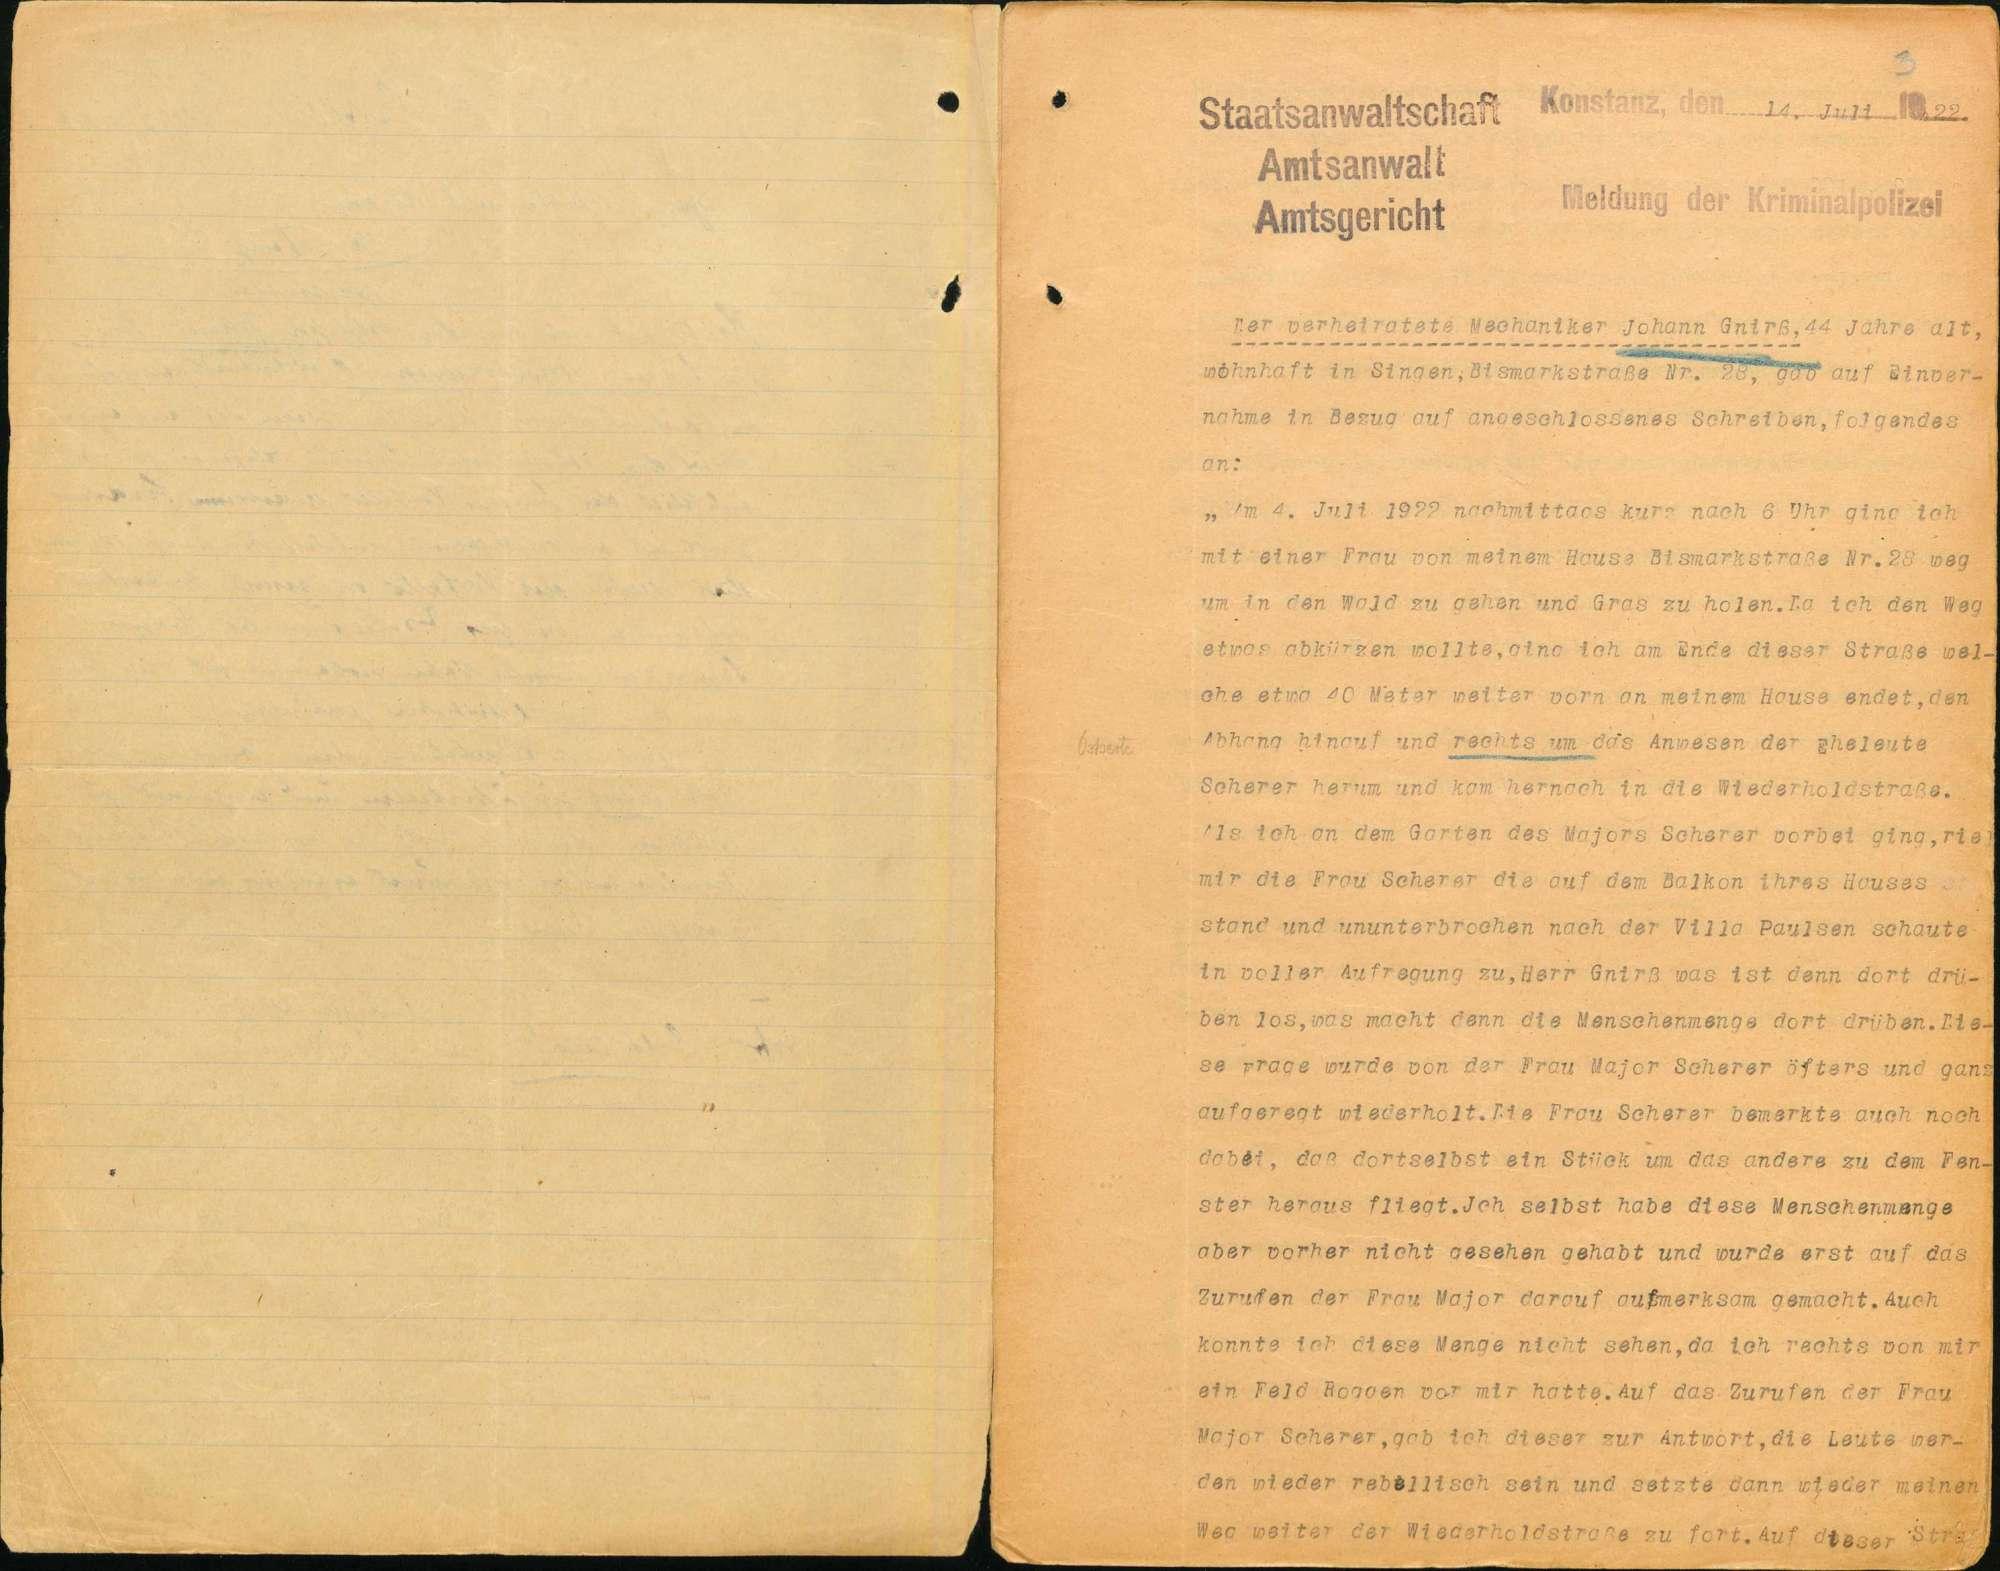 Heinrich Pfund, Fabrikarbeiter, Baldingen, et.al. (zehn weitere Angeklagte) wegen Landfriedensbruch (Unruhen in Singen im Anschluss an eine Demonstration wegen des Rathenau-Mordes), Bild 3